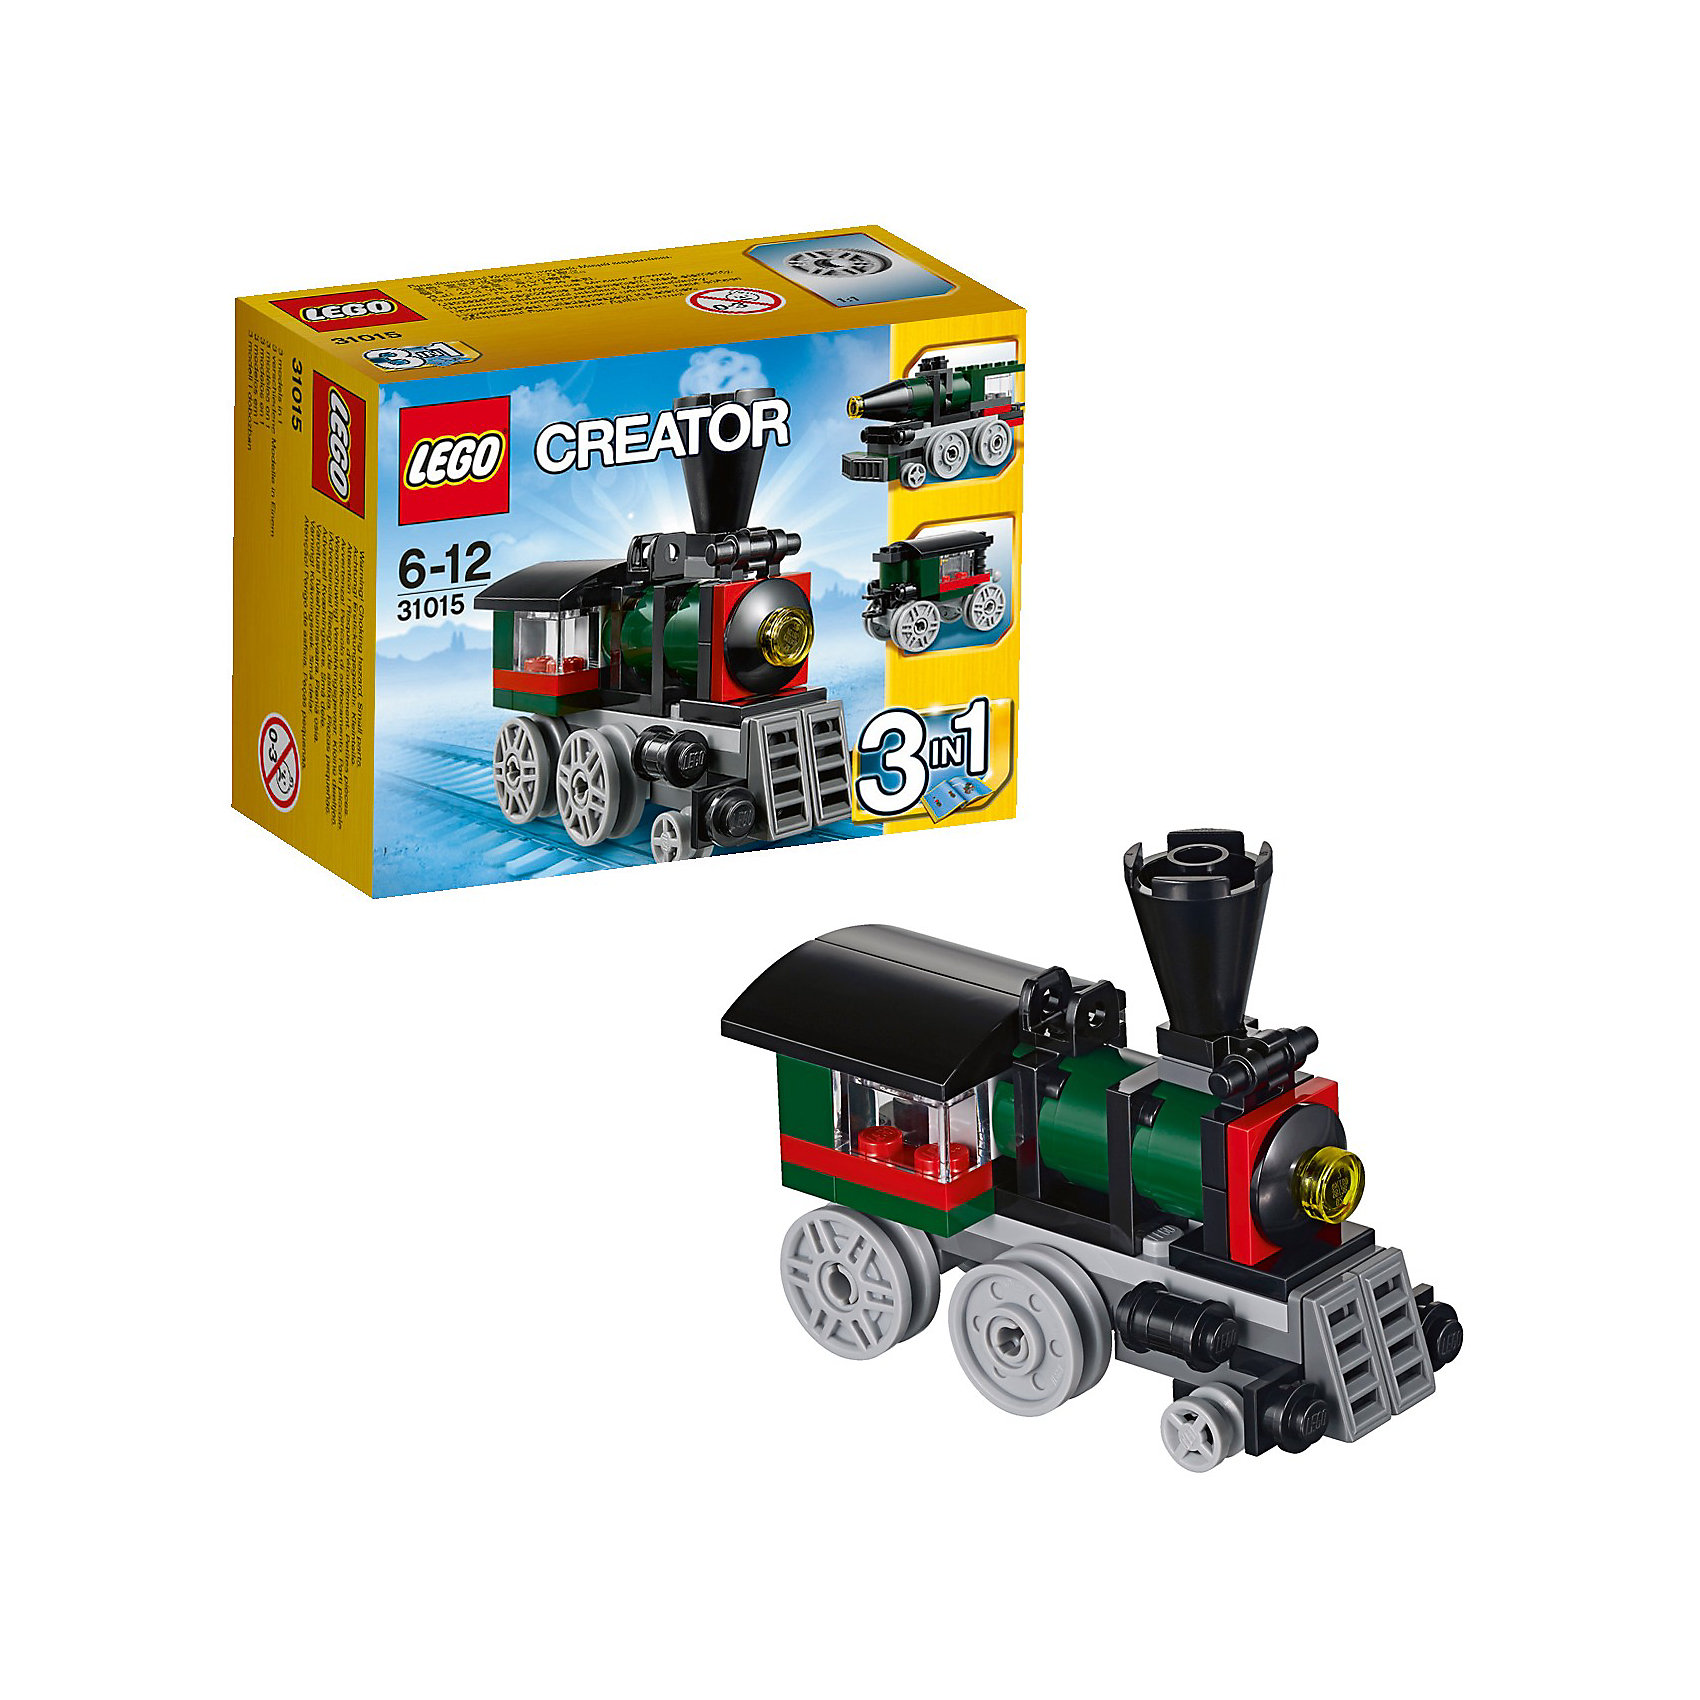 LEGO Creator 31015: Изумрудный экспрессС помощью набора LEGO Creator (ЛЕГО Криэйтор) 31015: Изумрудный экспресс юные поклонники конструктора Лего смогут собрать уменьшенную копию легендарного паровоза «Изумрудная ночь». Локомотив выполнен из черно-зеленых деталей с добавлением красных акцентов. Классический старинный паровоз оснащен выхлопной трубой, противотуманной фарой в центре парового котла и покатой крышей. Корпус базируется на серой платформе с креплениями для четырёх больших и двух малых колёс. Кабина машиниста также выглядит очень реалистично.<br>При желании паровоз можно переделать в скоростной локомотив-ракету или в вагончик.<br><br>Серия  LEGO Creator создана специально для развития творческих способностей ребенка, из каждой модели конструктора можно собрать три различных варианта игрушки или придумать свою собственную, что позволит ребенку развить фантазию и пространственное воображение.<br><br>Дополнительная информация:<br><br>- Количество деталей: 56.<br>- Серия: ЛЕГО Криэйтор.<br>- Материал: пластик.<br>- Размеры паровоза: 8 х 7 х 3 см.<br>- Размеры локомотива-ракеты: 9 х 4 х 3 см.<br>- Размеры вагона: 6 х 3 х 2 см.<br>- Размер упаковки: 12,2 х 9,1 х 5,8 см. <br>- Вес: 80 гр. <br><br>Игра с конструктором развивает мелкую моторику, фантазию и воображение ребенка, учит его усидчивости и внимательности.<br><br>LEGO Creator (ЛЕГО Криэйтор) 31015: Изумрудный экспресс можно купить в нашем интернет-магазине.<br><br>Ширина мм: 126<br>Глубина мм: 93<br>Высота мм: 60<br>Вес г: 77<br>Возраст от месяцев: 72<br>Возраст до месяцев: 144<br>Пол: Мужской<br>Возраст: Детский<br>SKU: 3342525